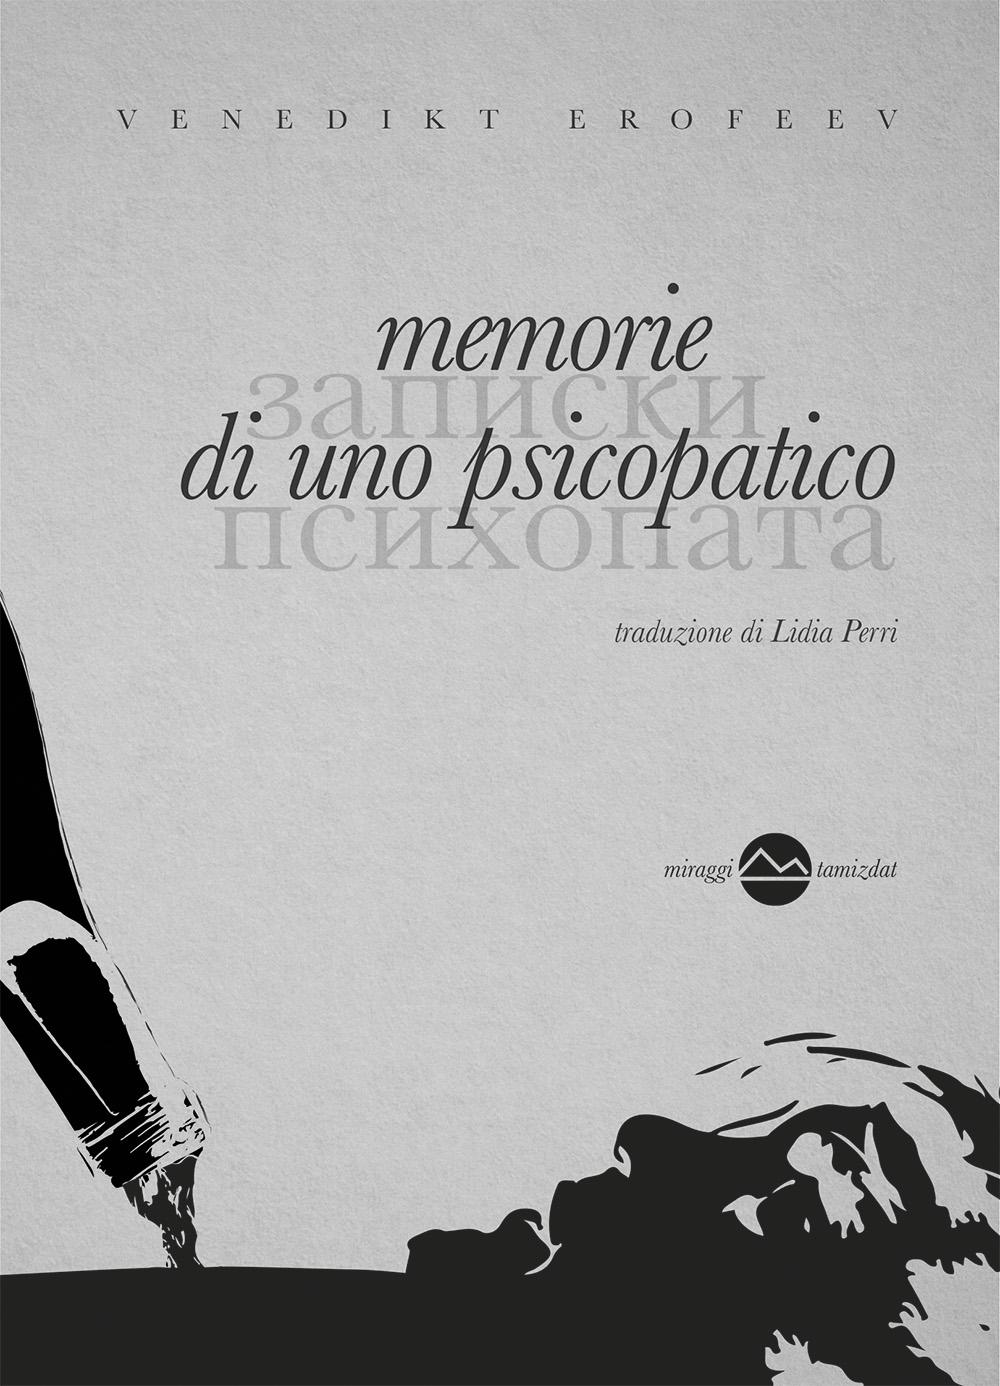 Memorie di uno Psicopatico